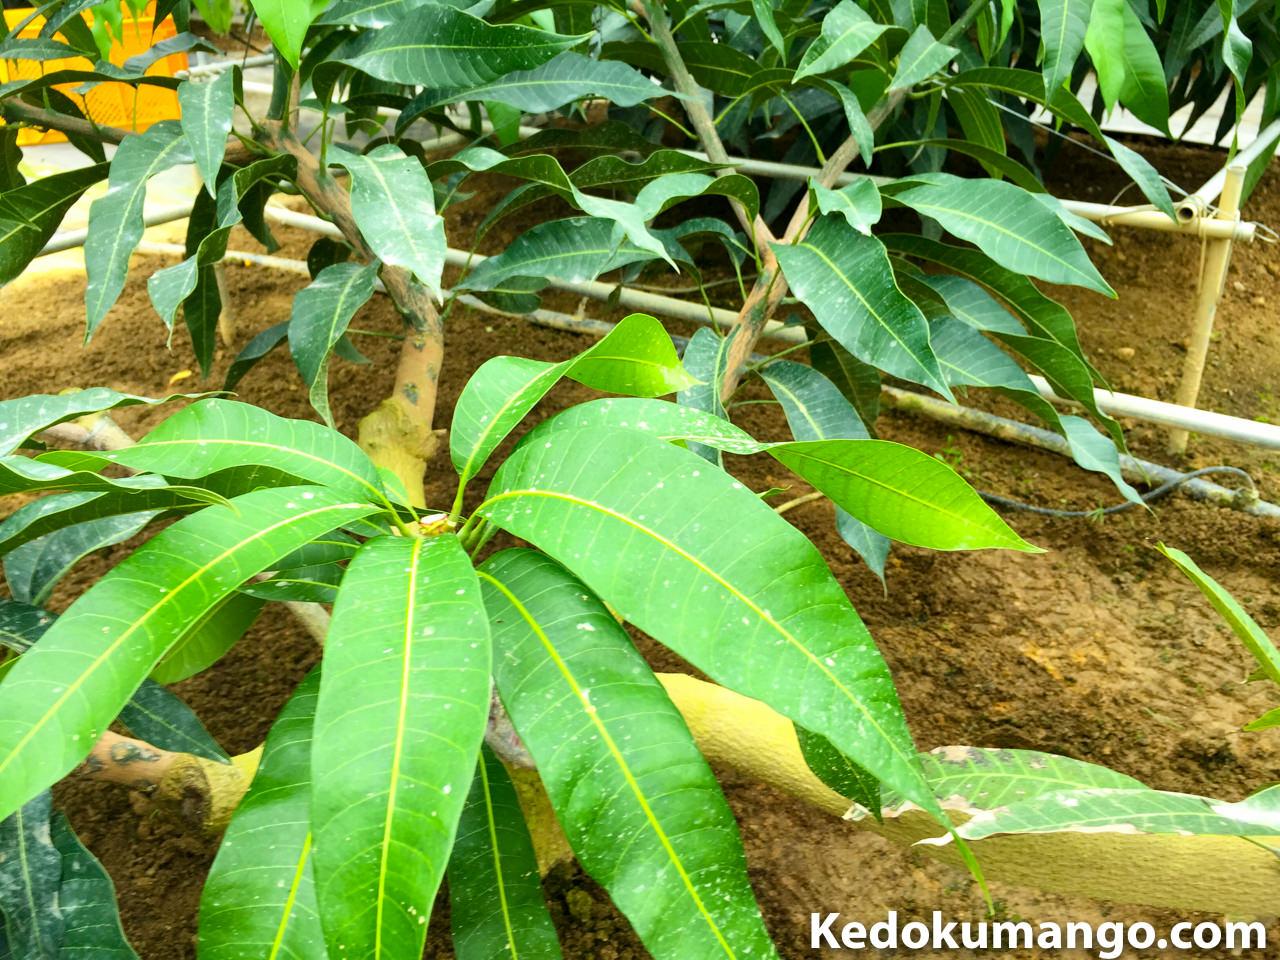 マンゴーの樹の剪定直後の写真